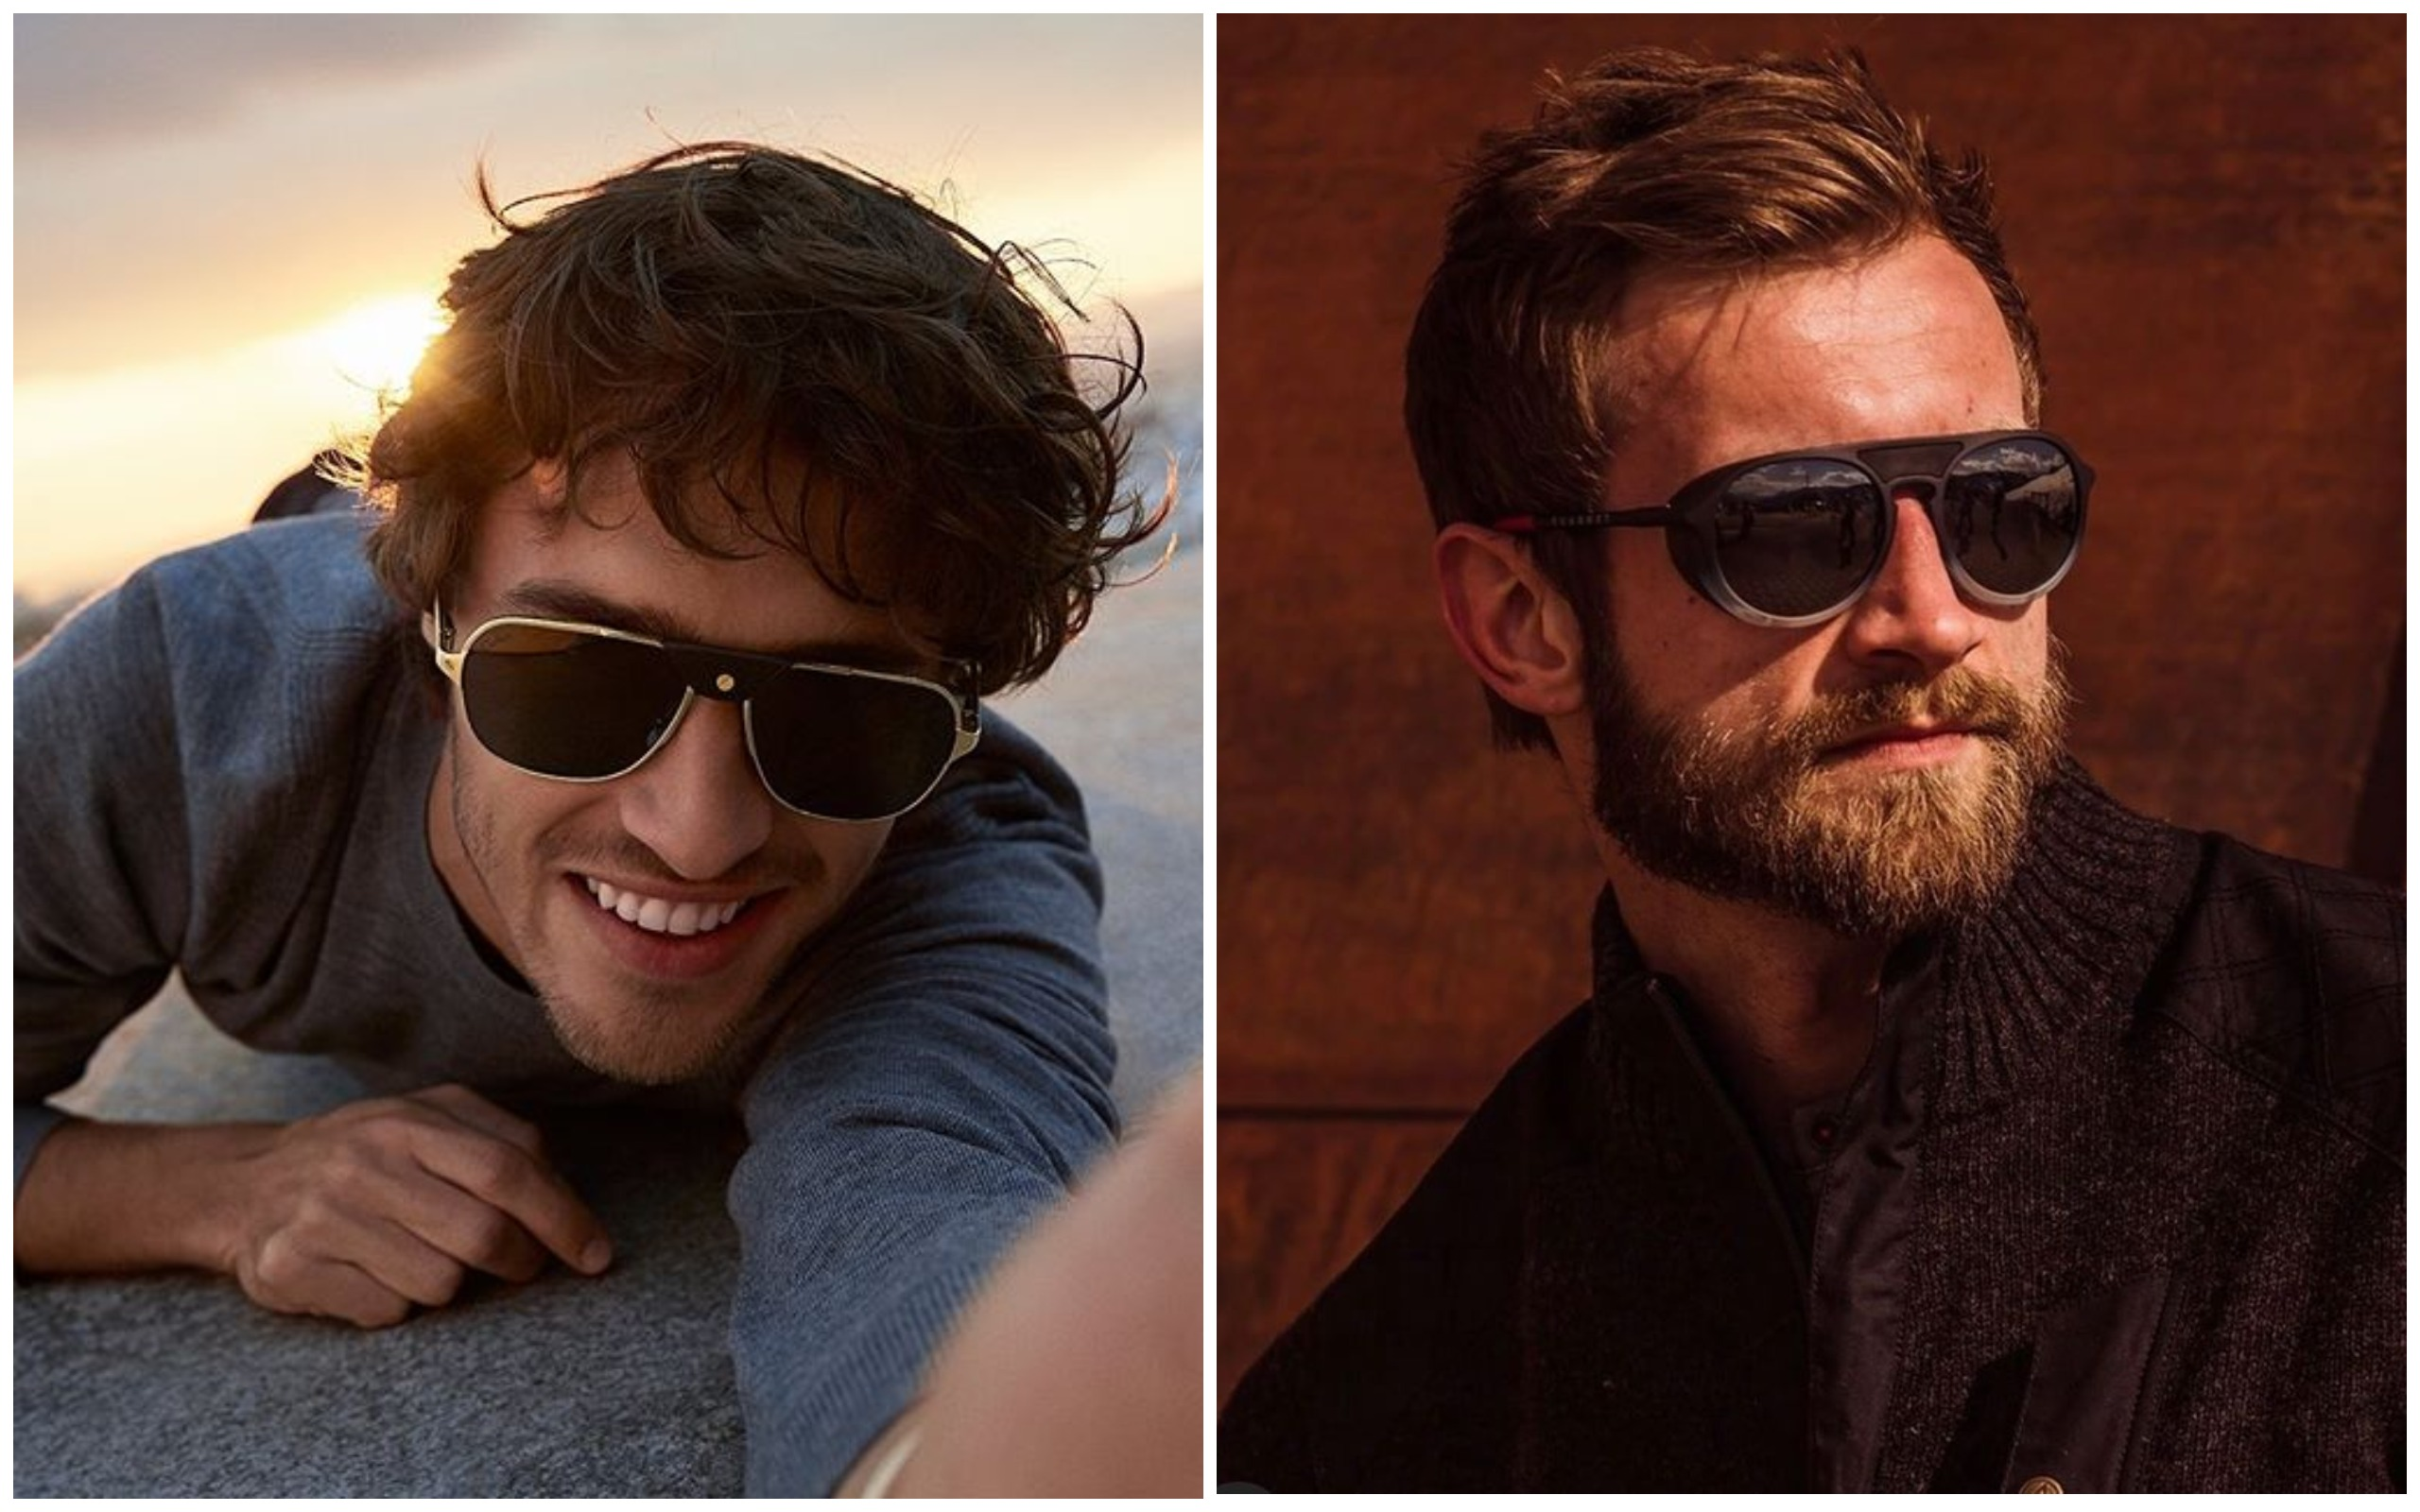 Lunette homme 2020: les tendances pour les lunettes de soleil 2020